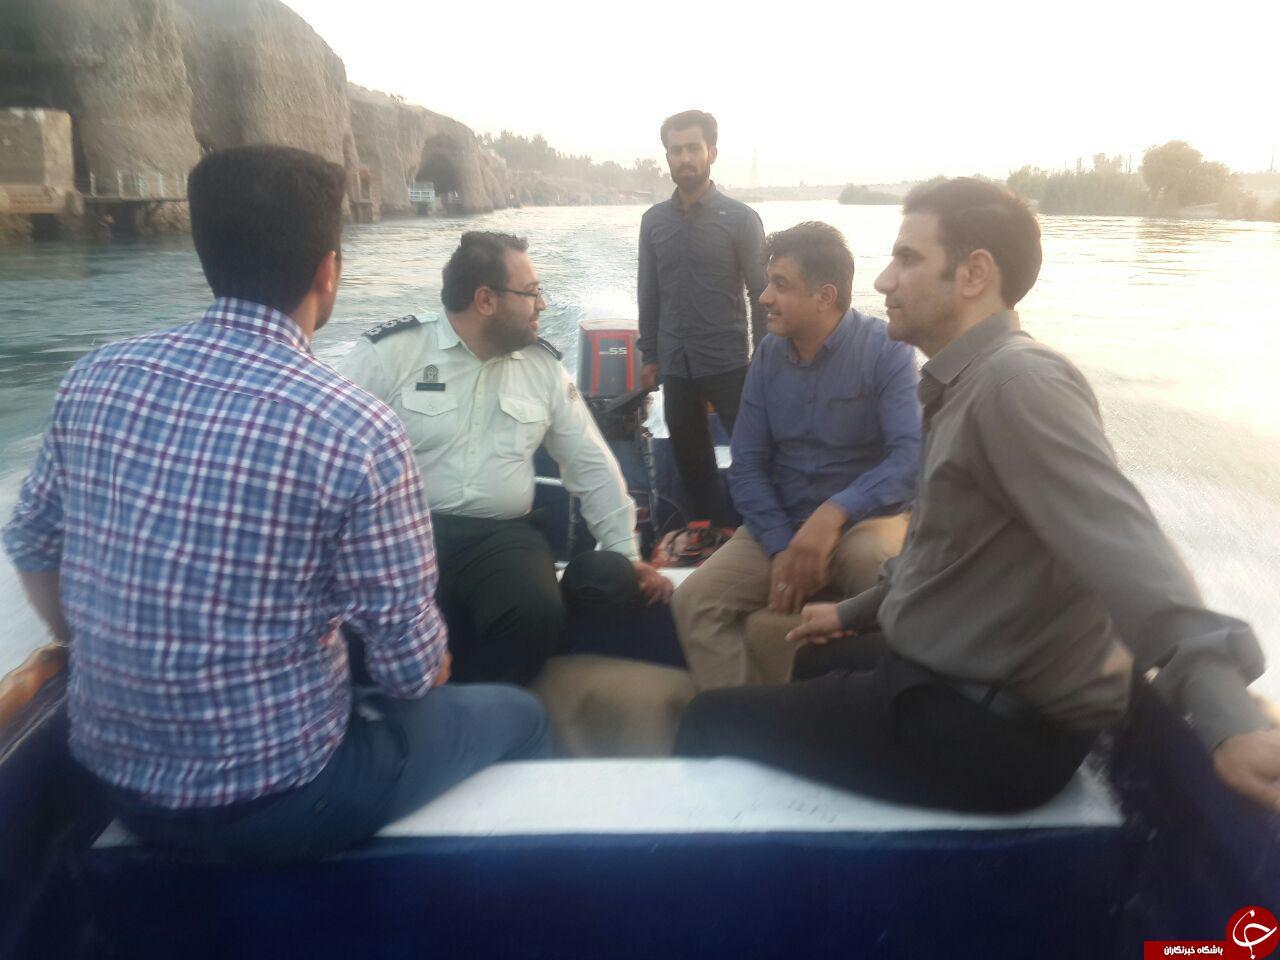 تور گردشگران در تور رودخانه دز